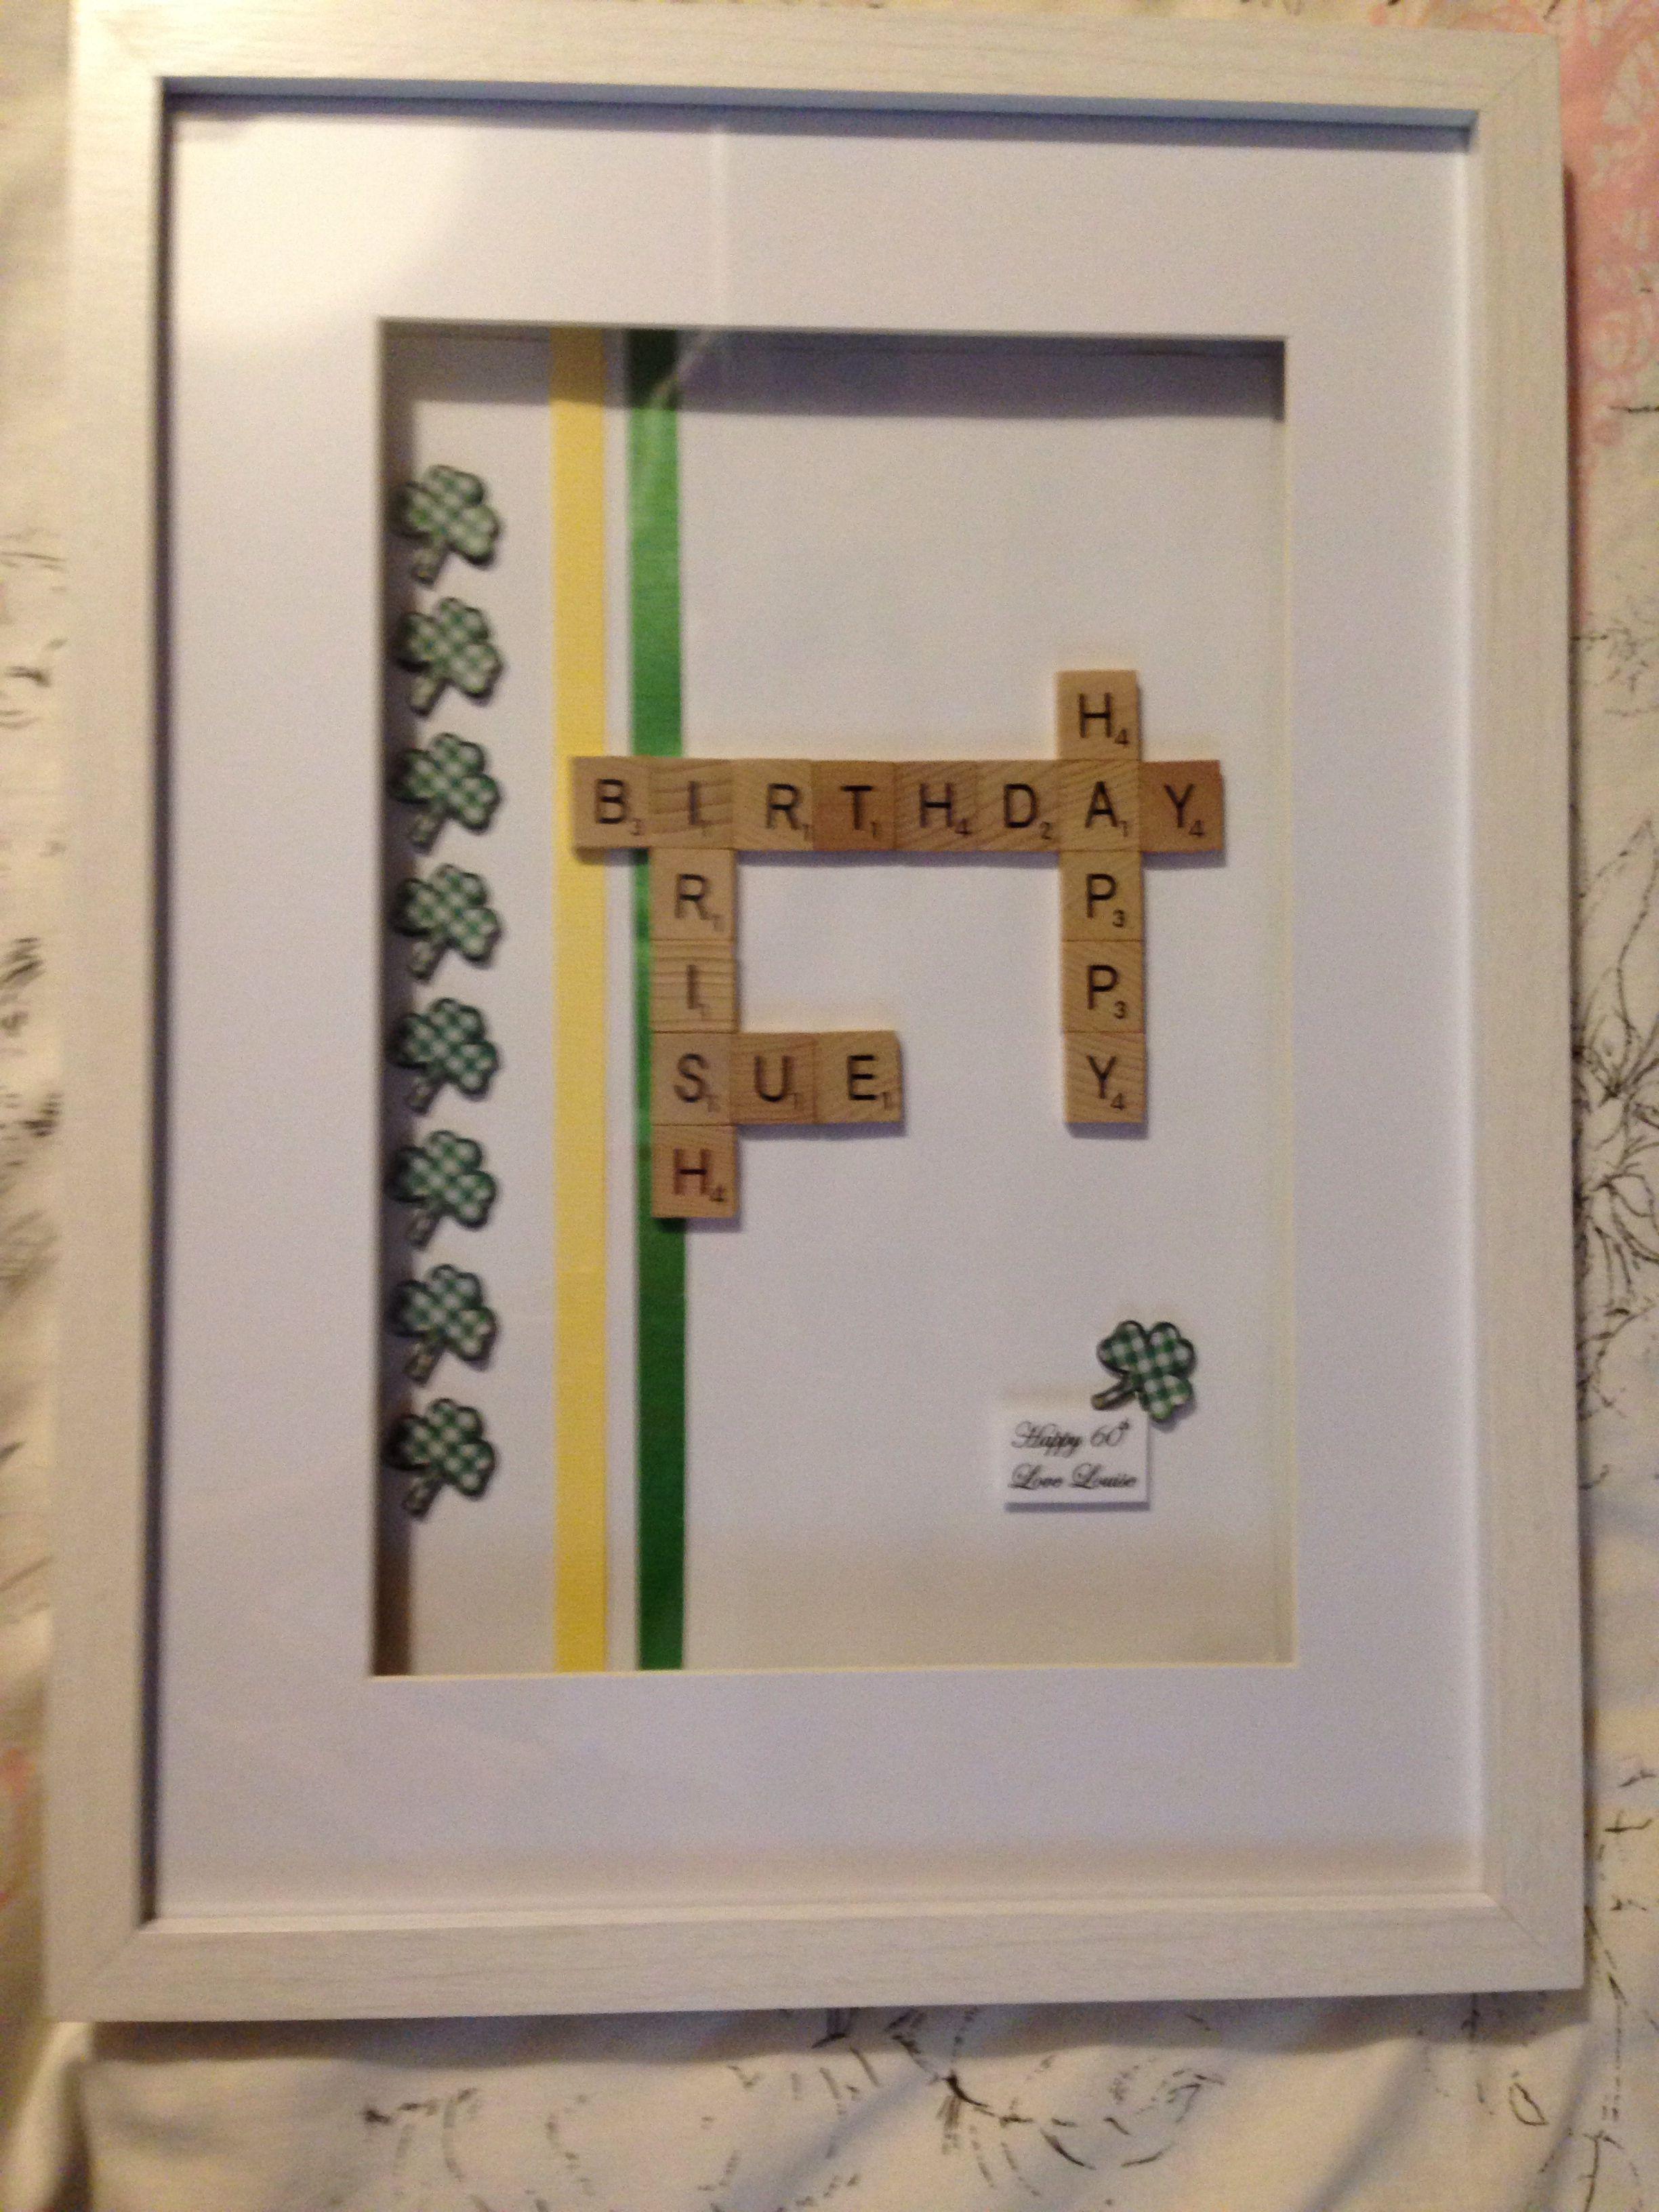 Irish birthday scrabble art frame | Scrabble art frames | Pinterest ...